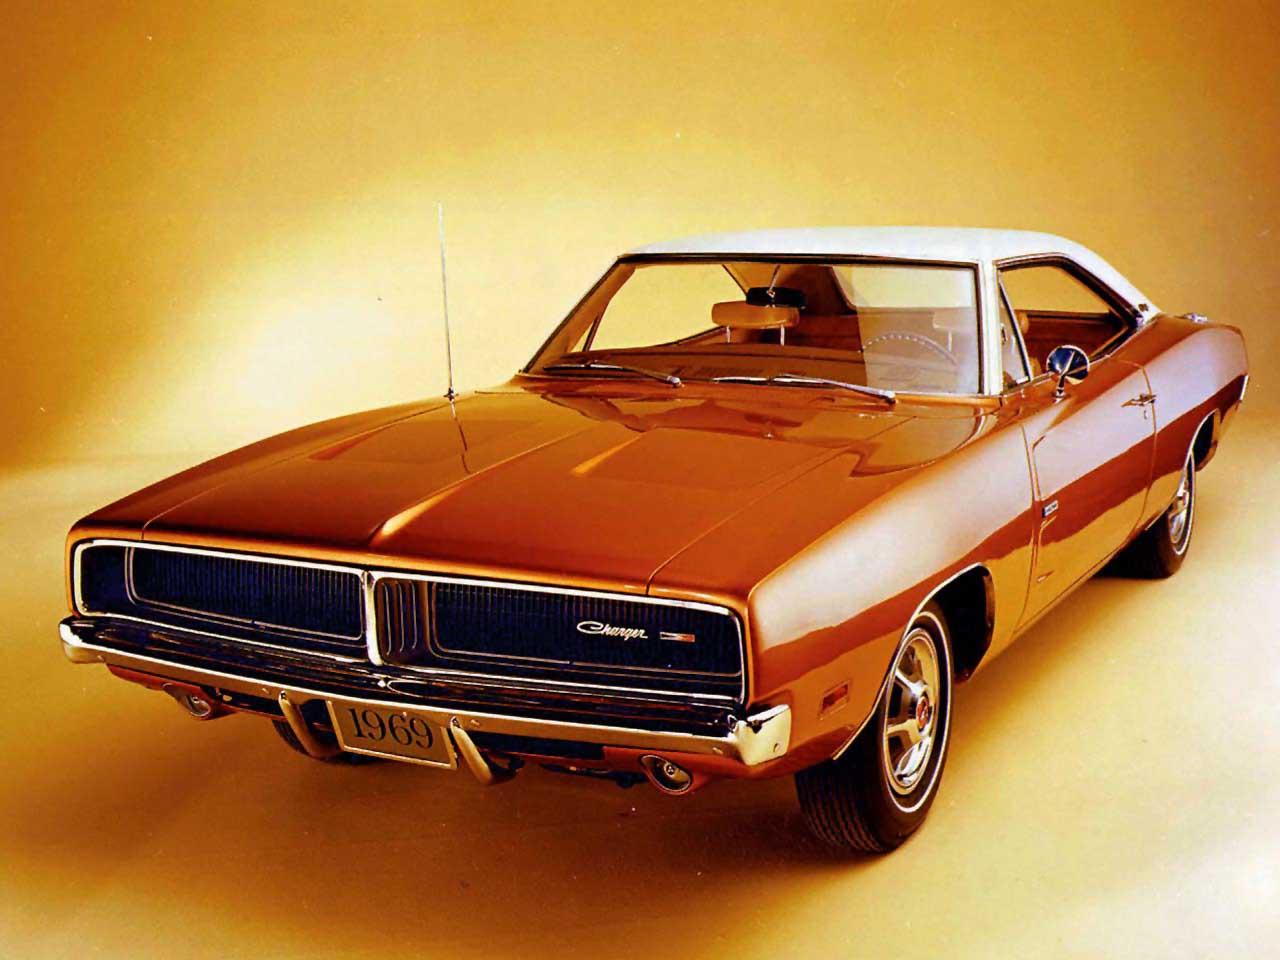 Купить авто 65-70 годов